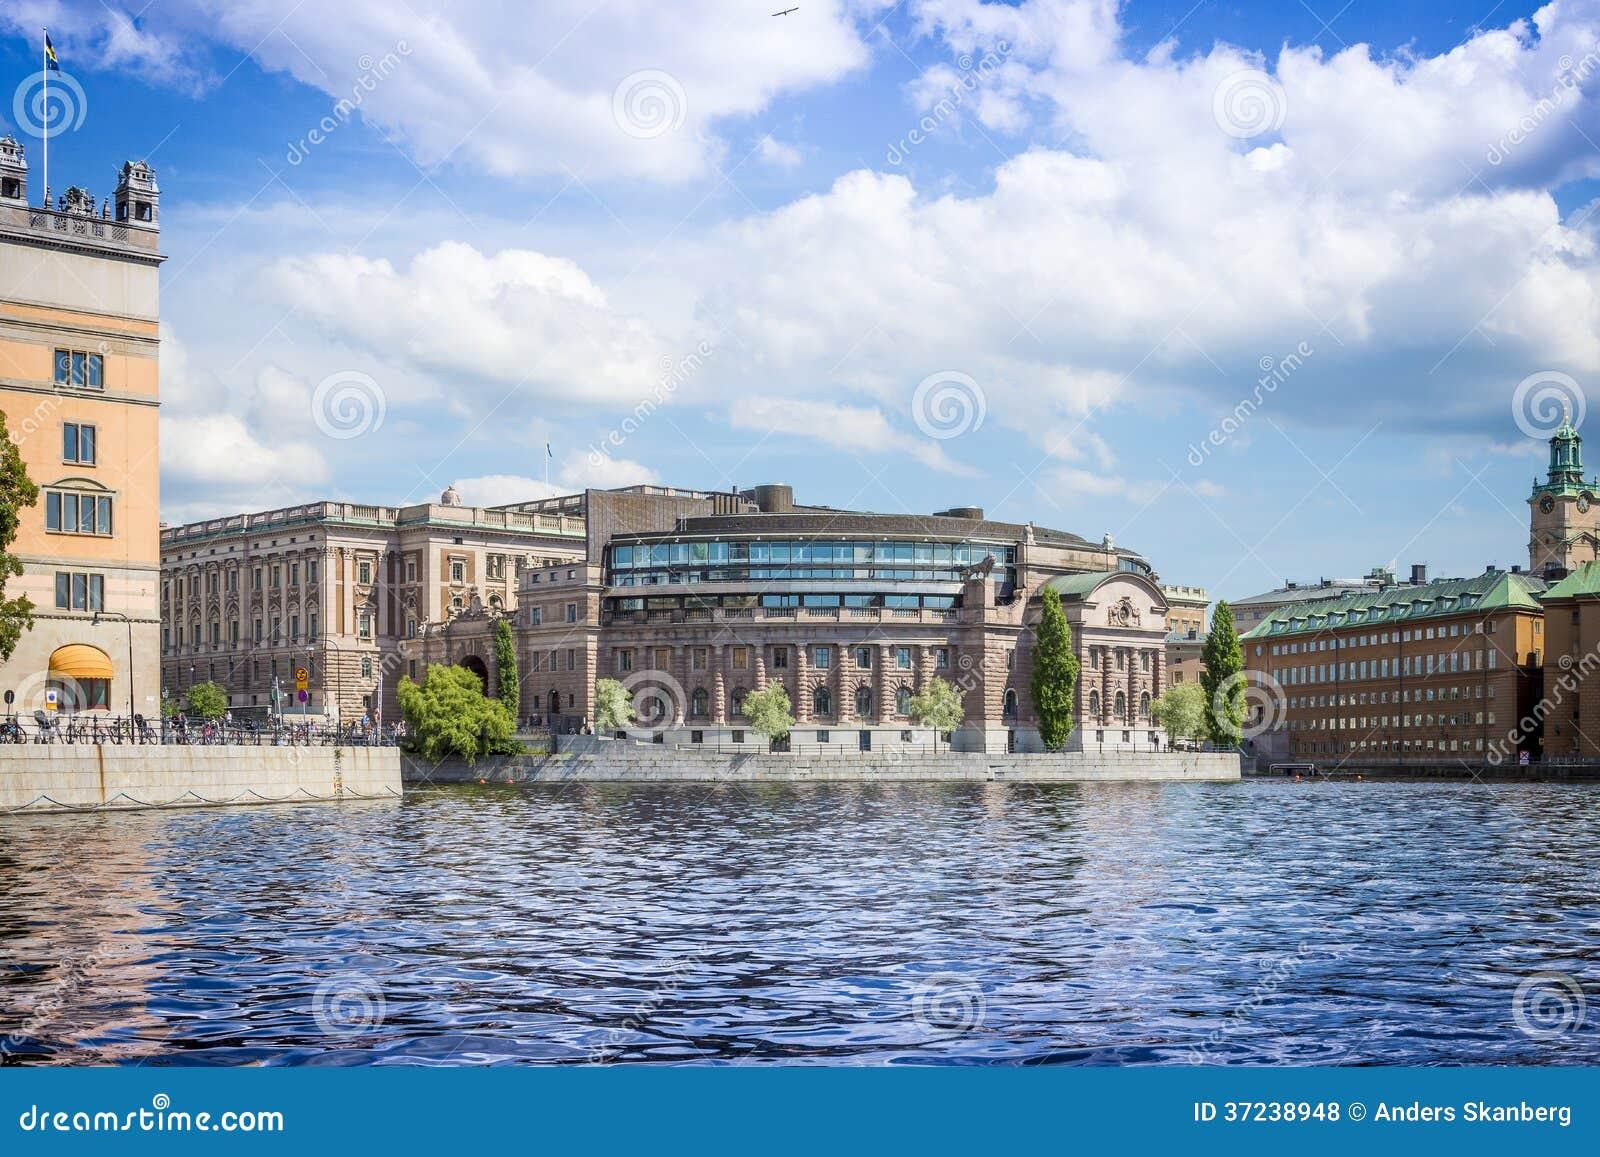 Το σουηδικό Κοινοβούλιο, Στοκχόλμη